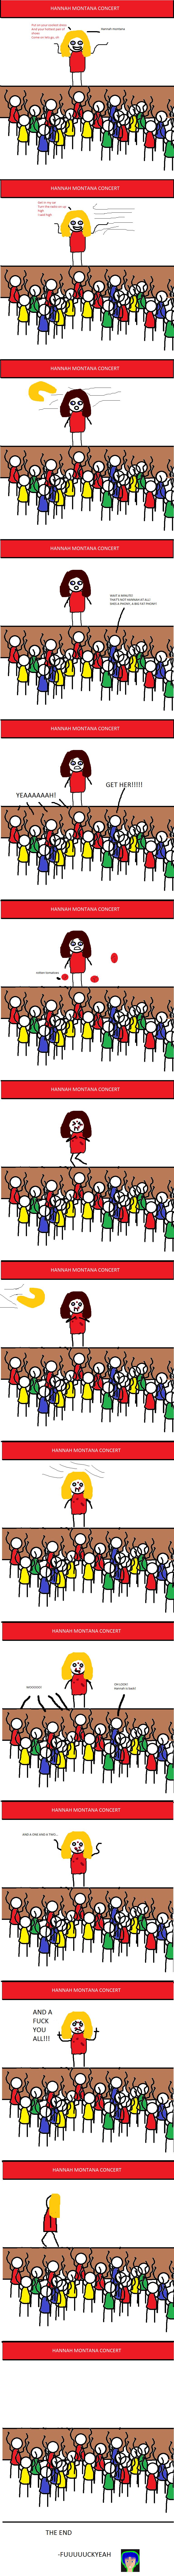 Hannah montana concert by fuuuuuckyeah